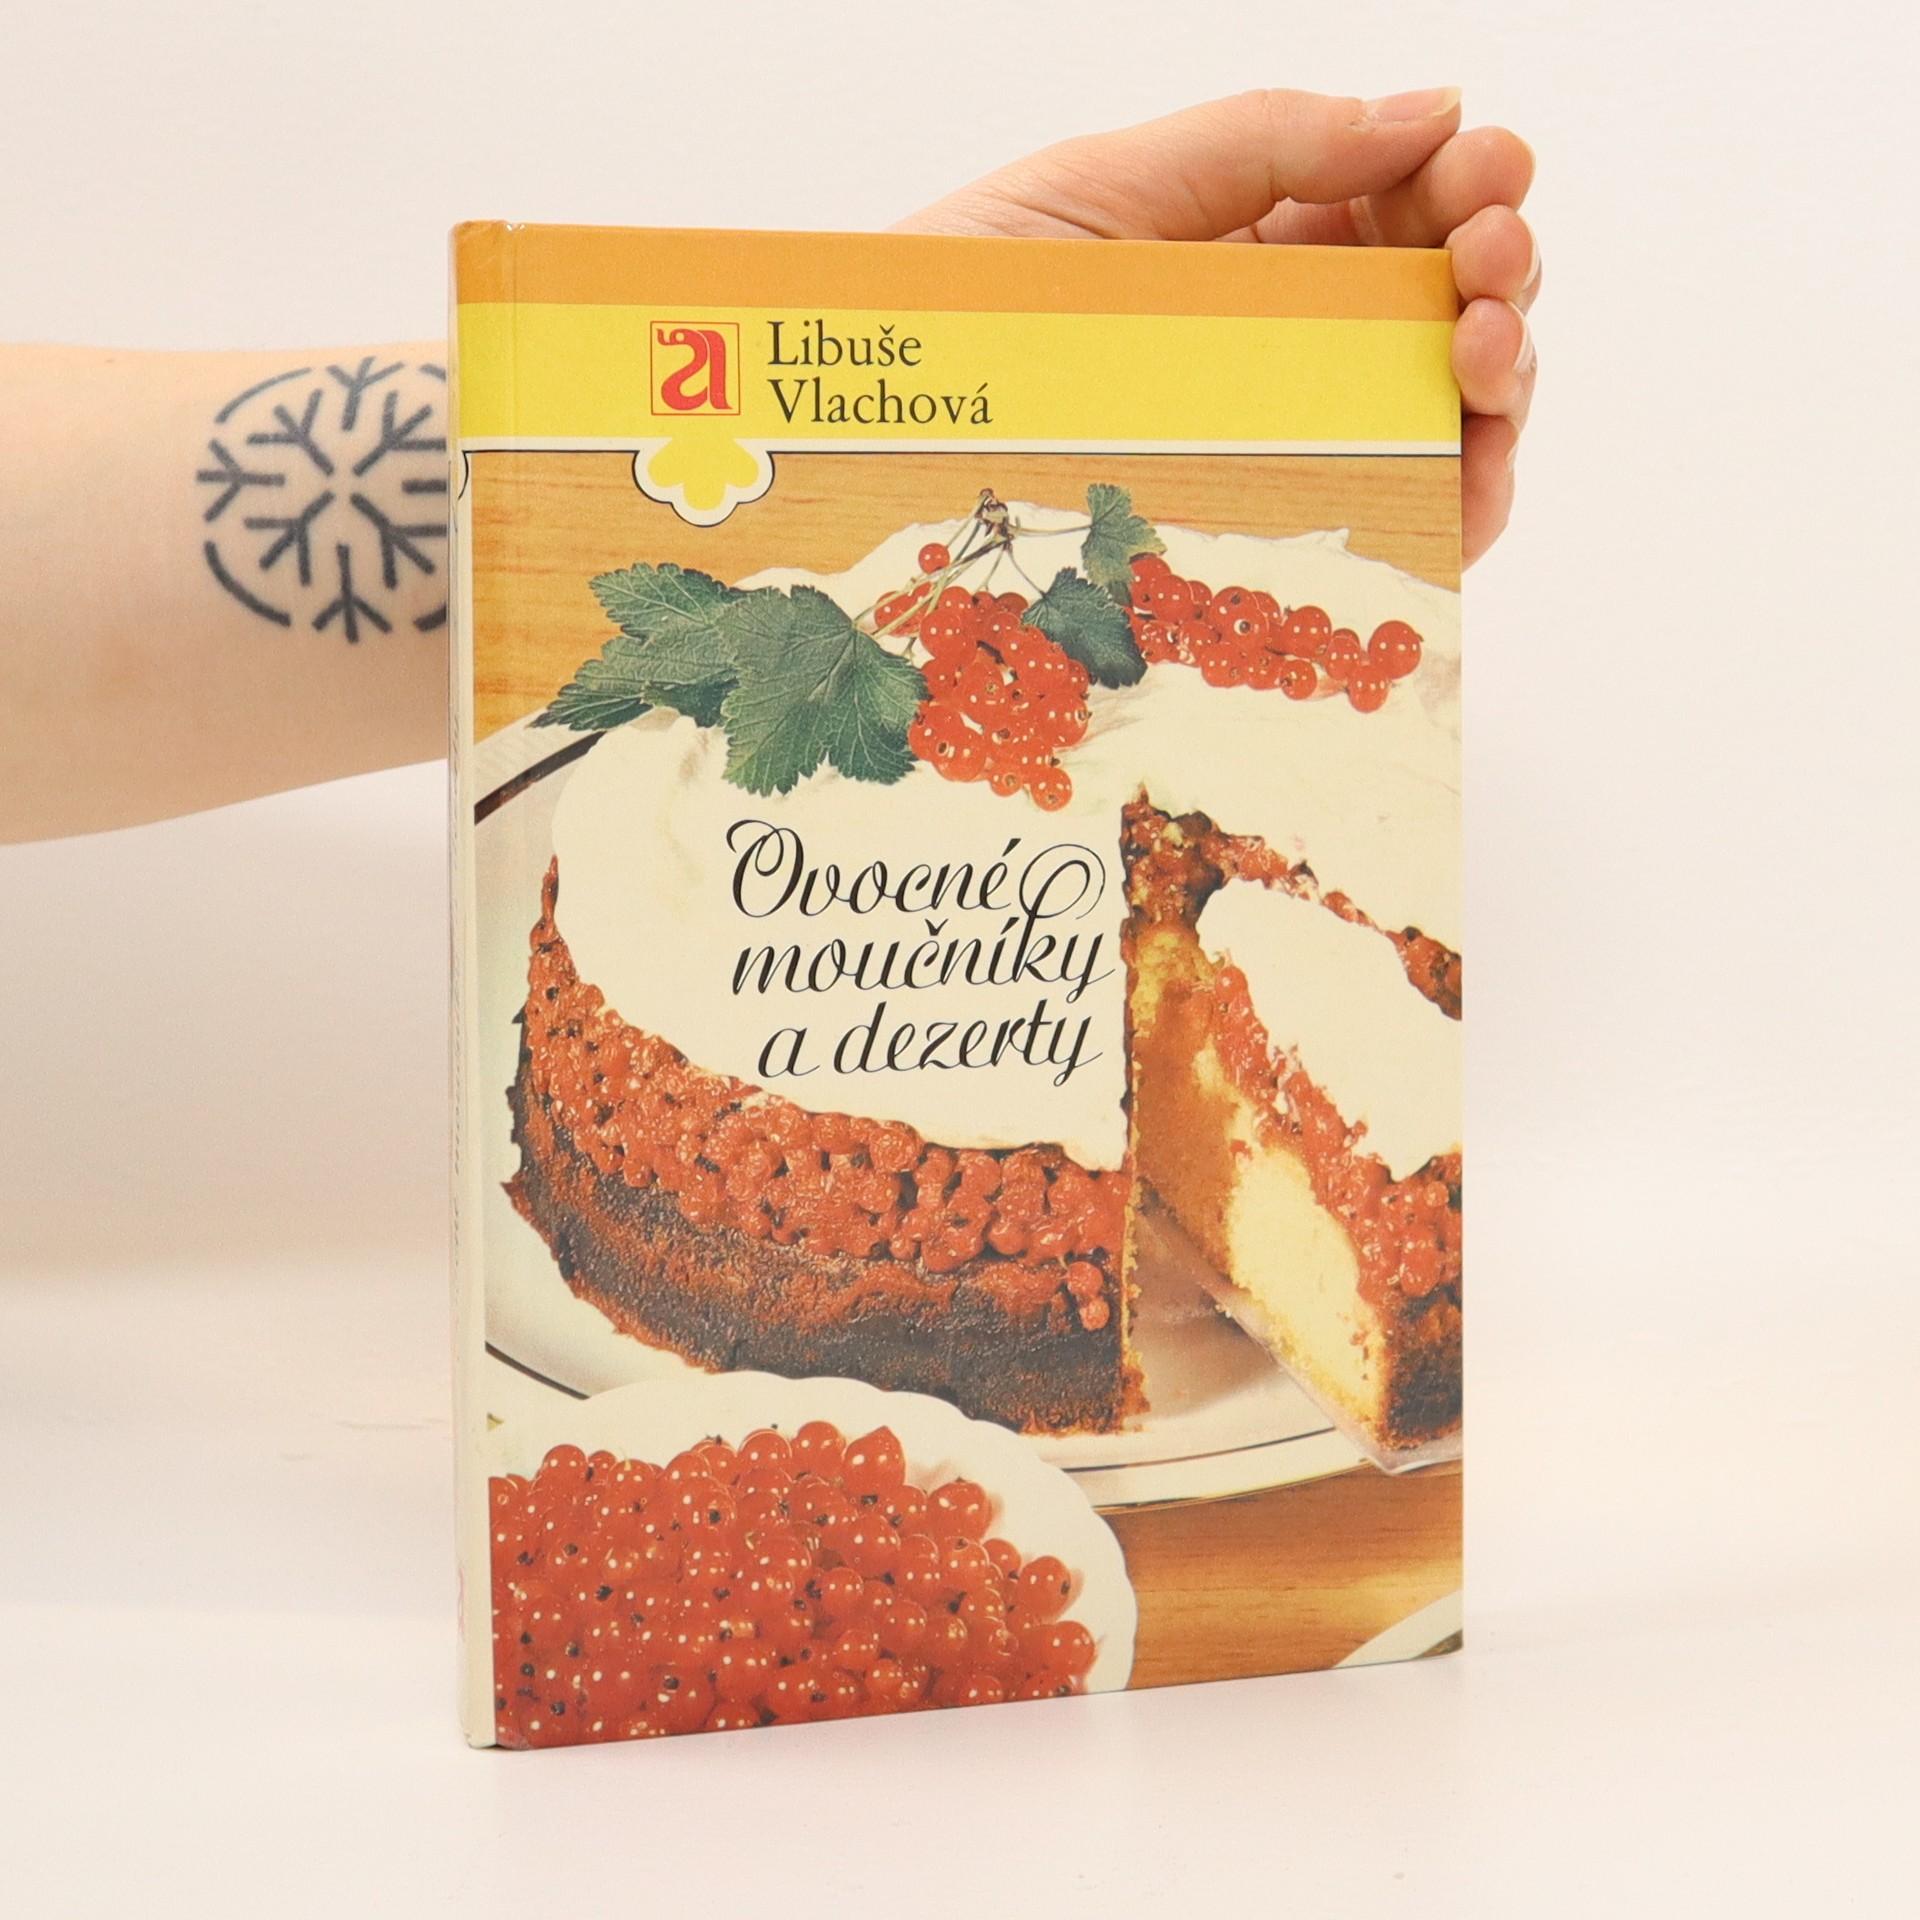 antikvární kniha Ovocné moučníky a dezerty, 1987